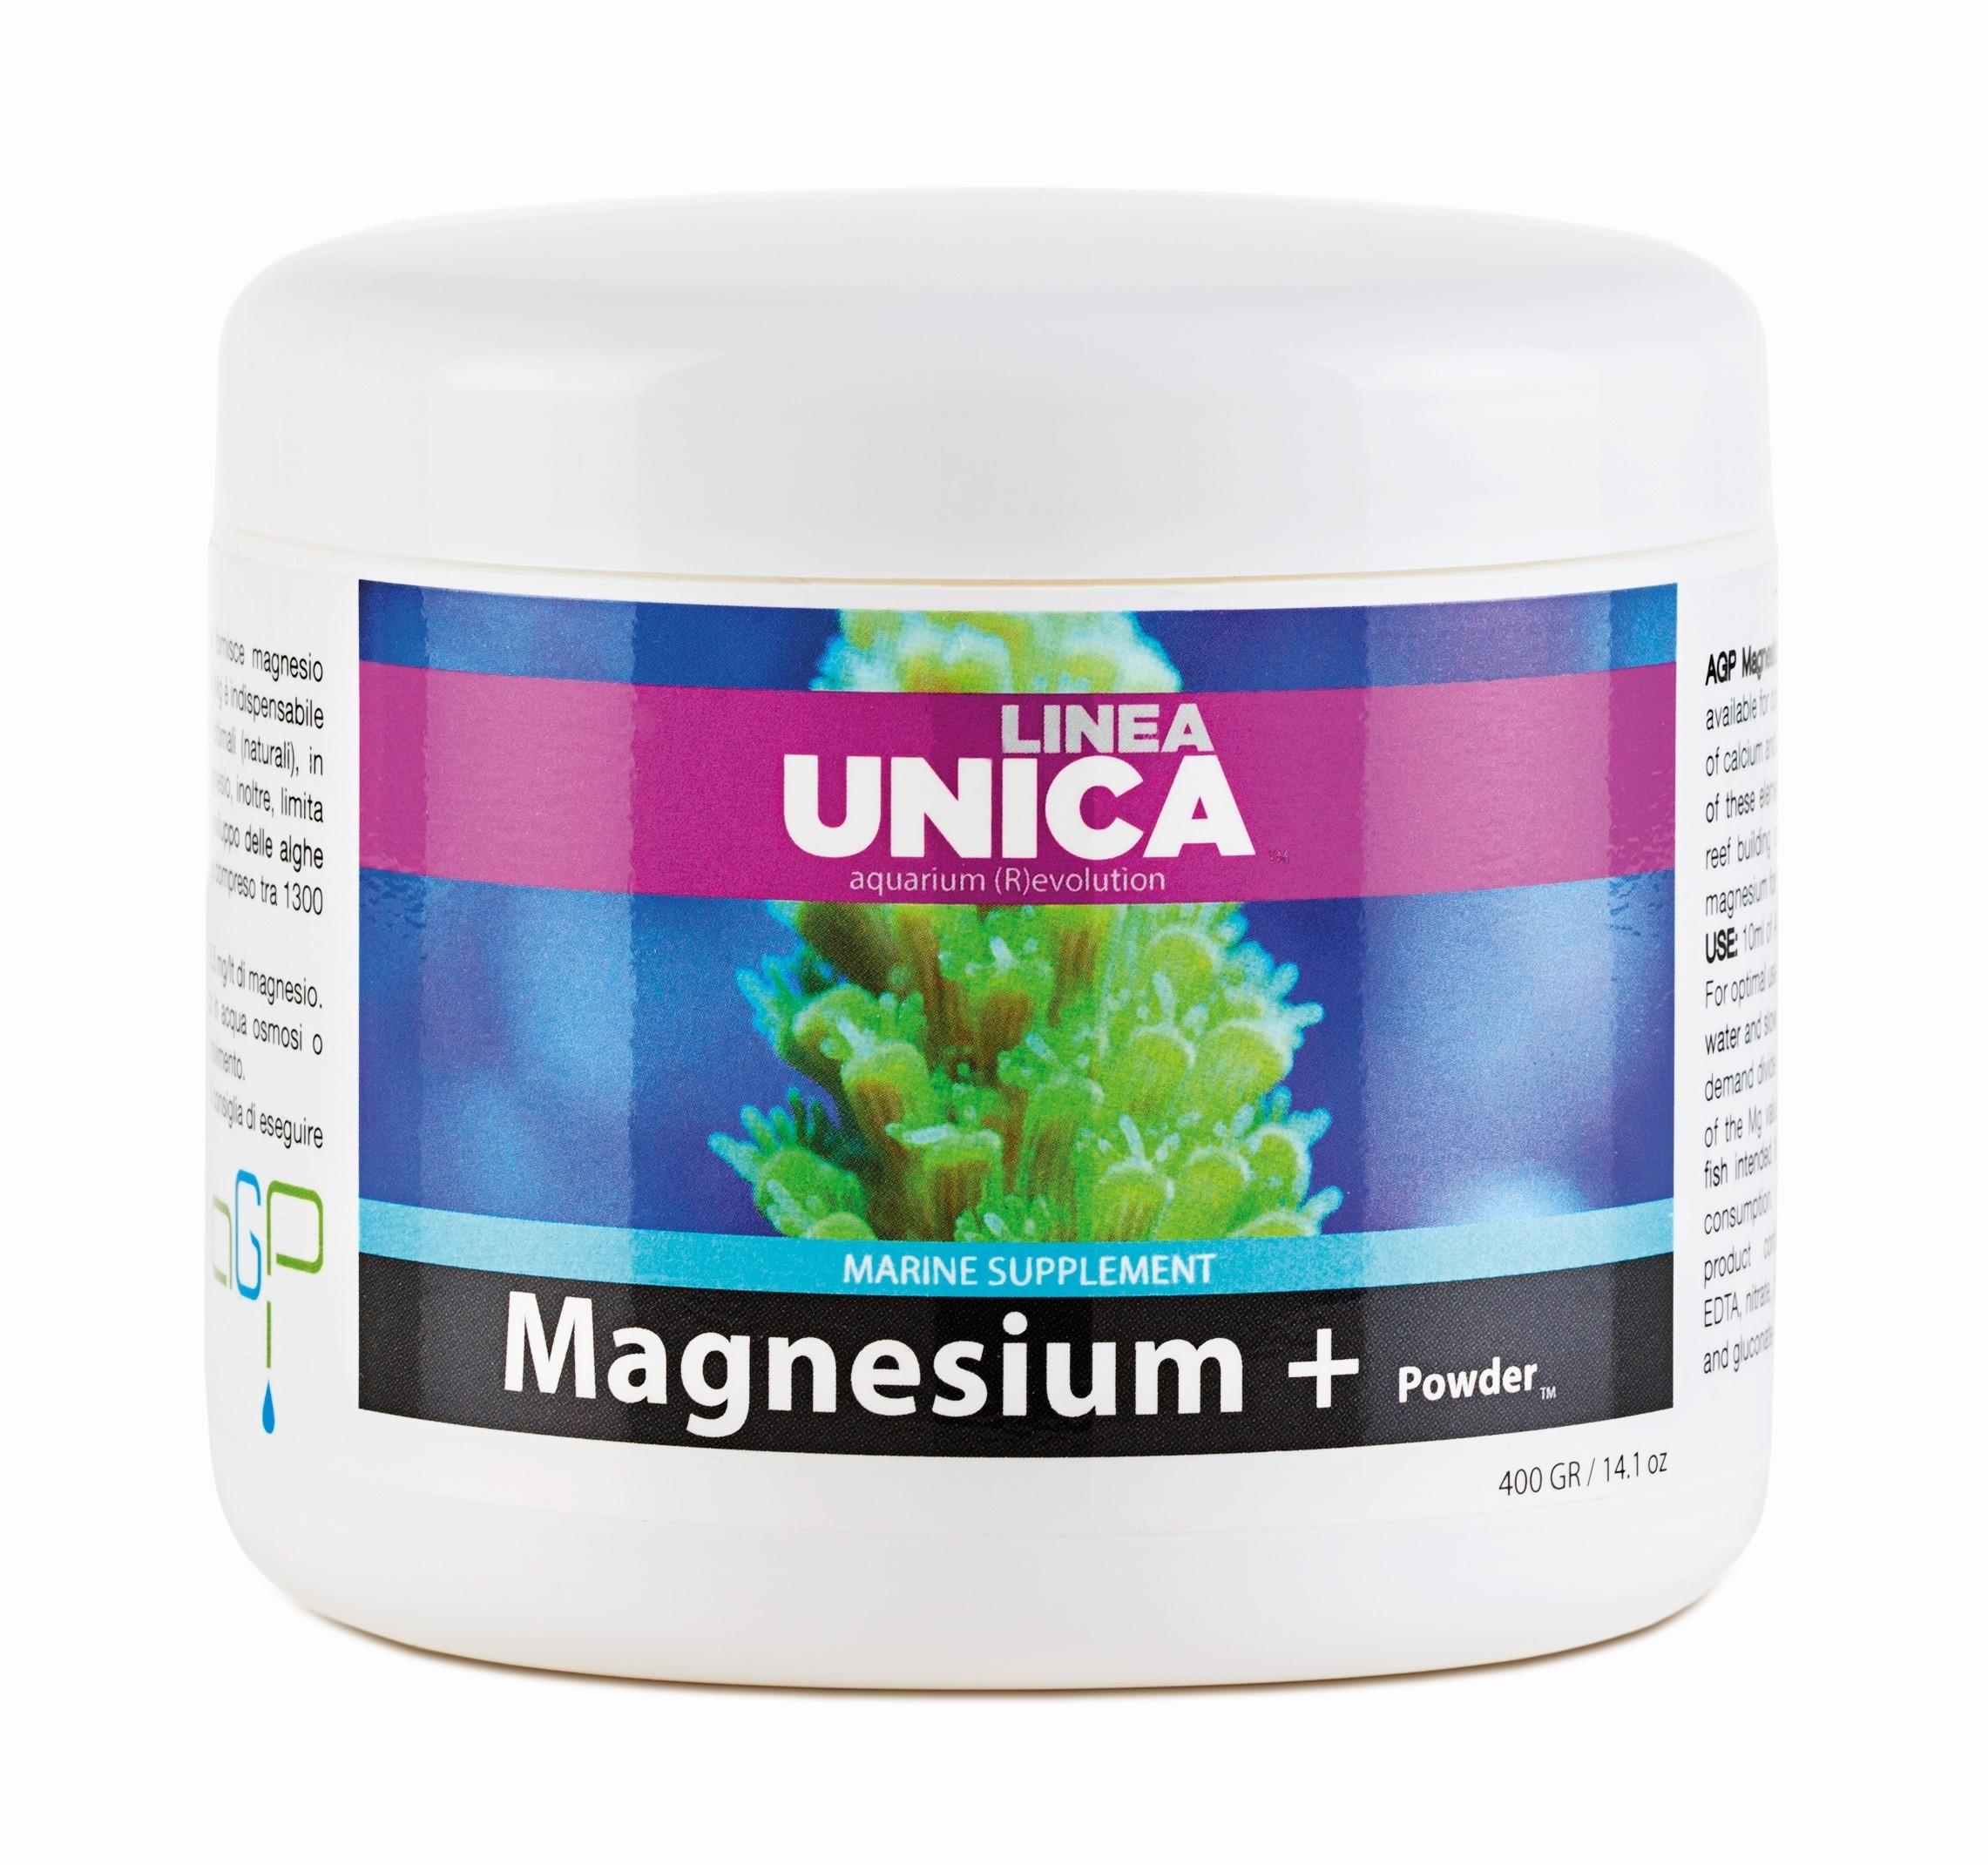 Magnesium +